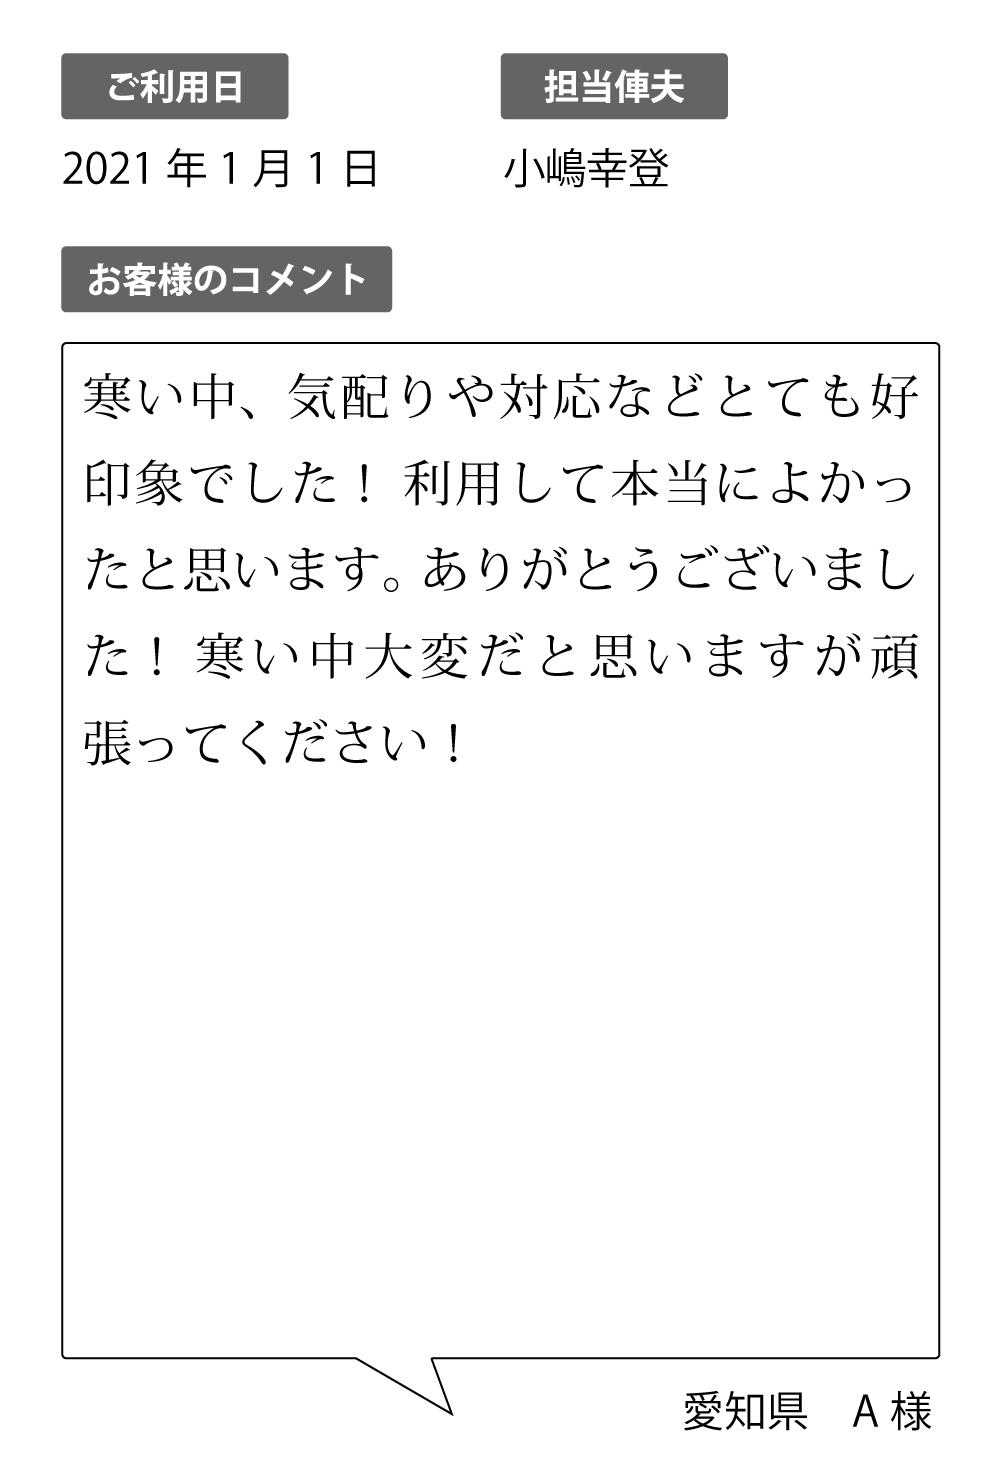 愛知県 A様